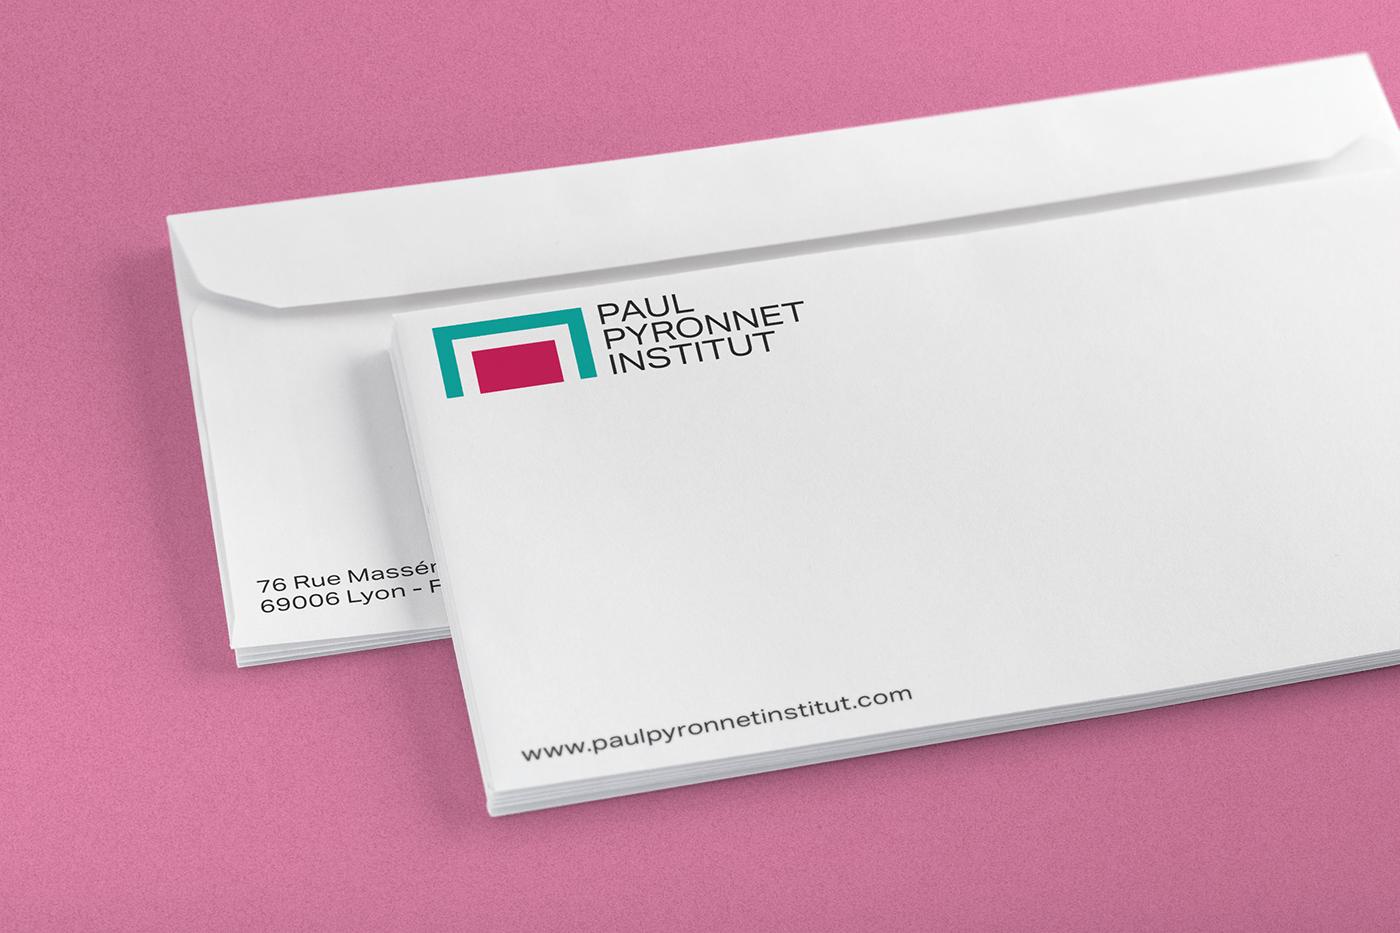 Paul pyronnet institut envelopes new logo